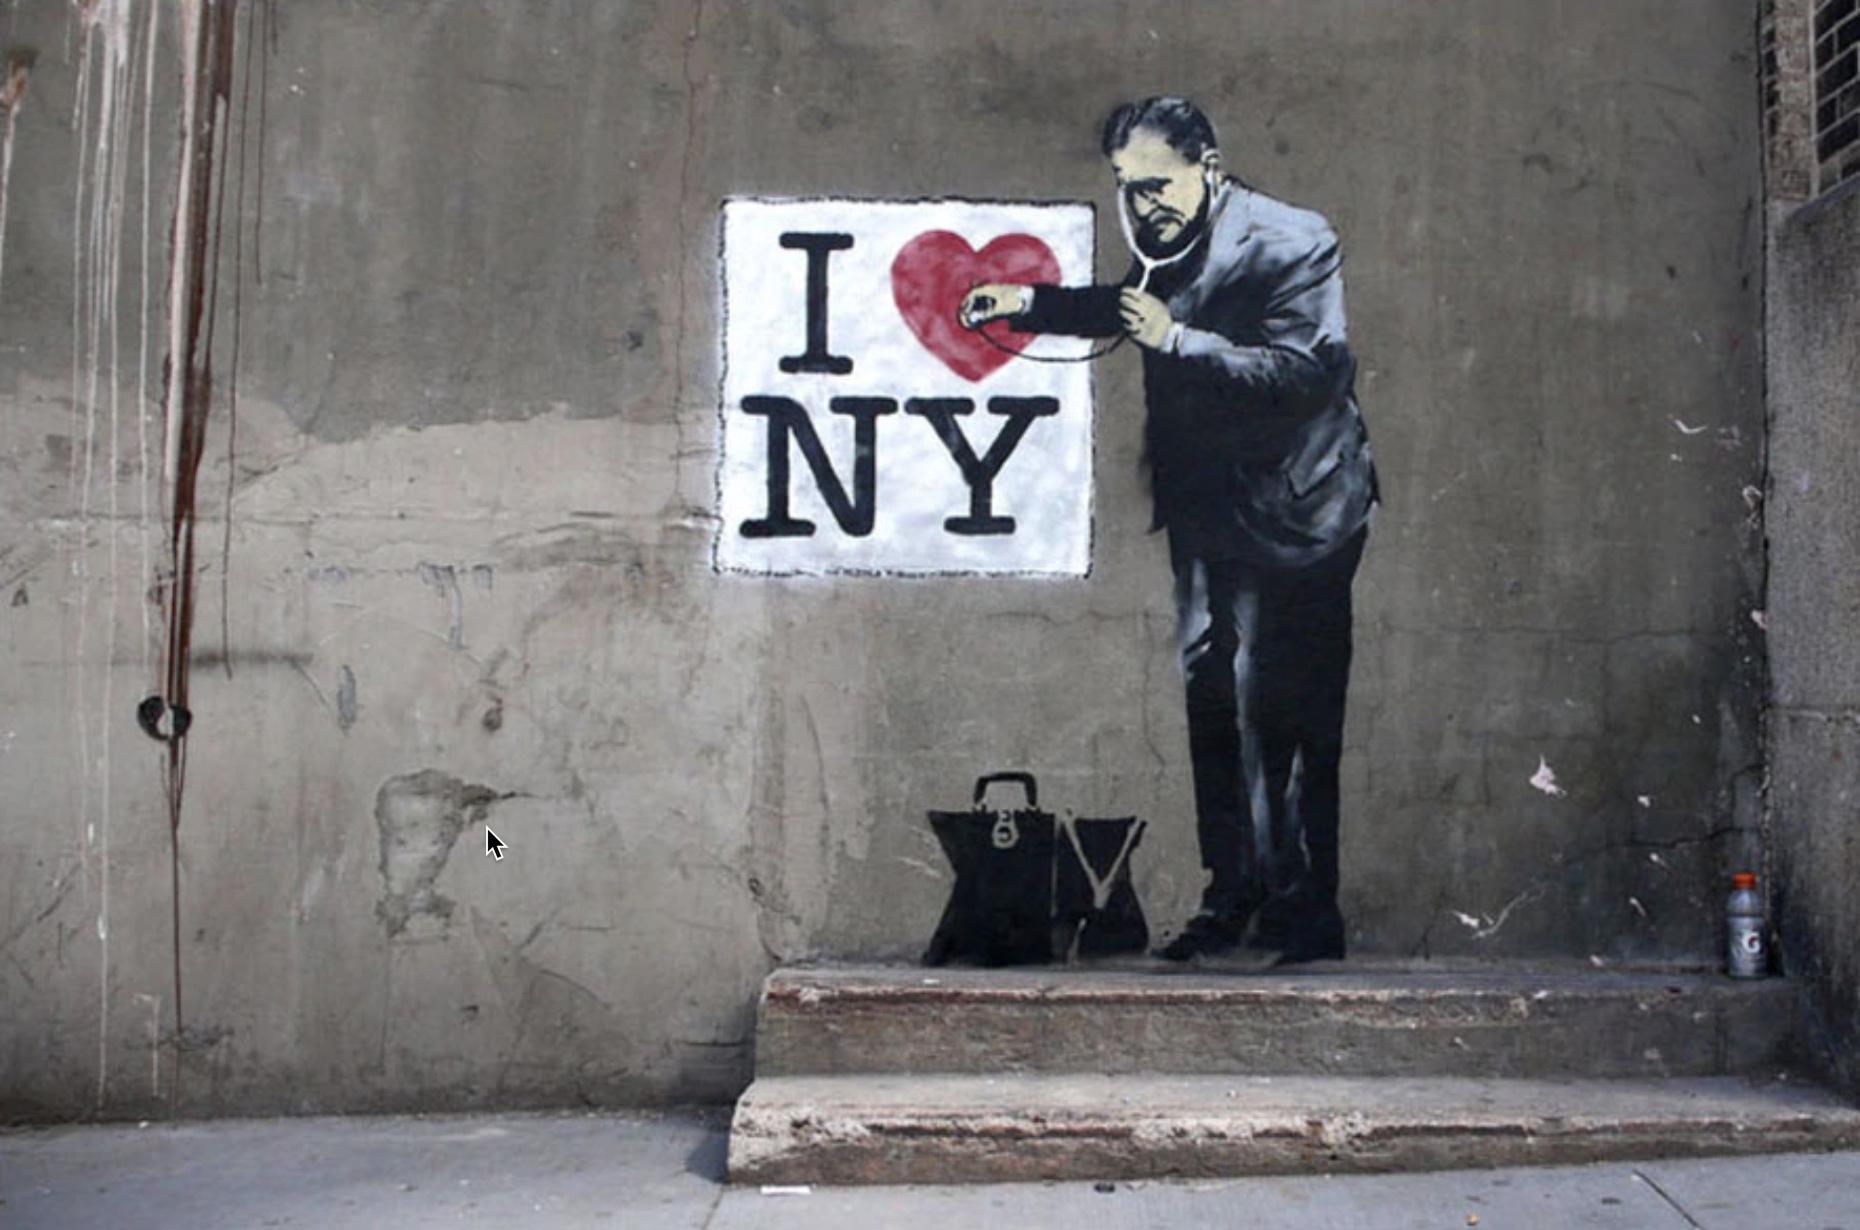 Banksy : I Love NY